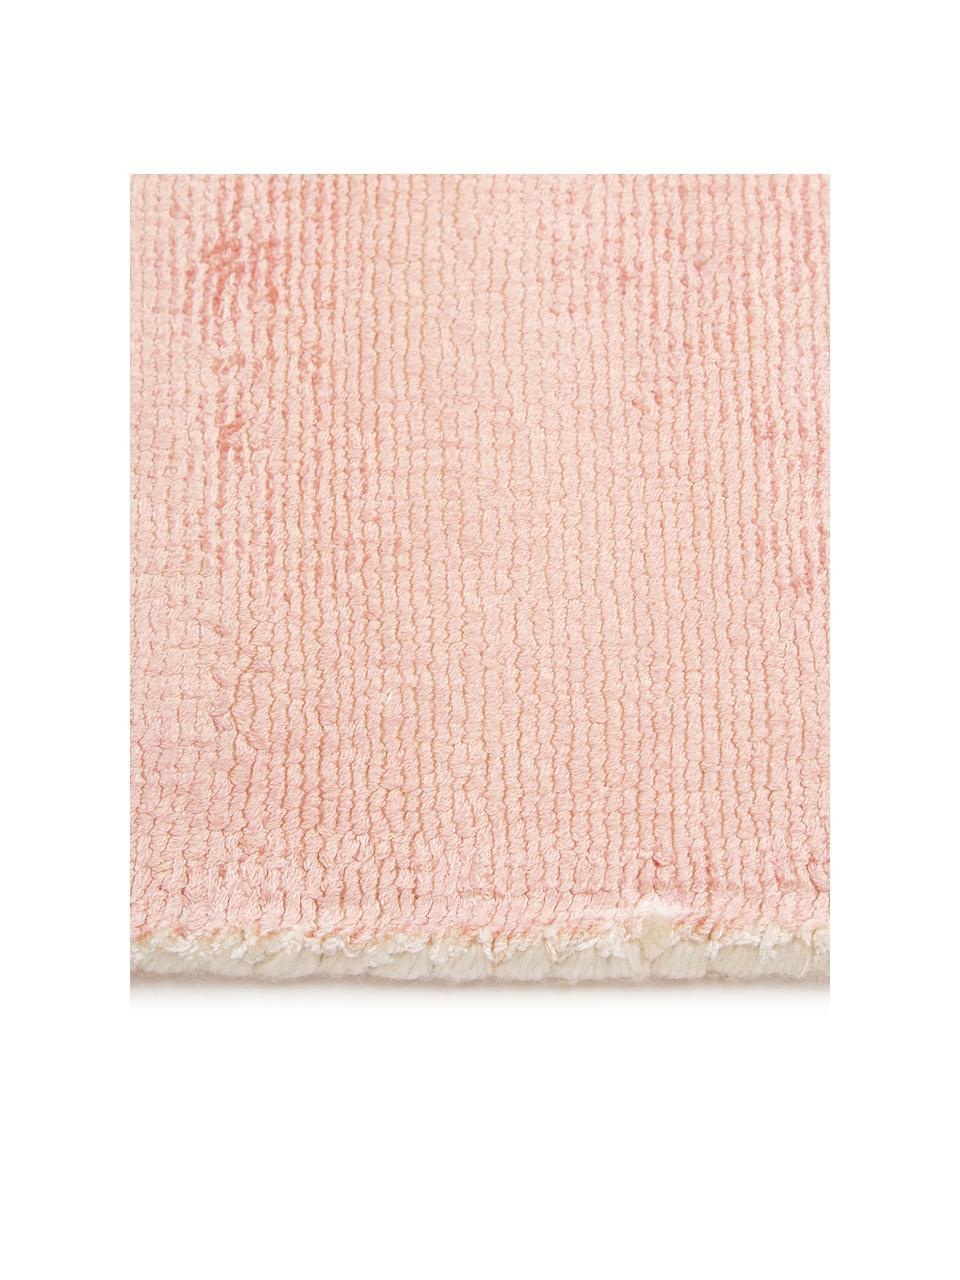 Handgewebter Viskoseteppich Alana mit Farbverlauf, 100% Viskose, Rosa, Beige, B 200 x L 300 cm (Größe L)